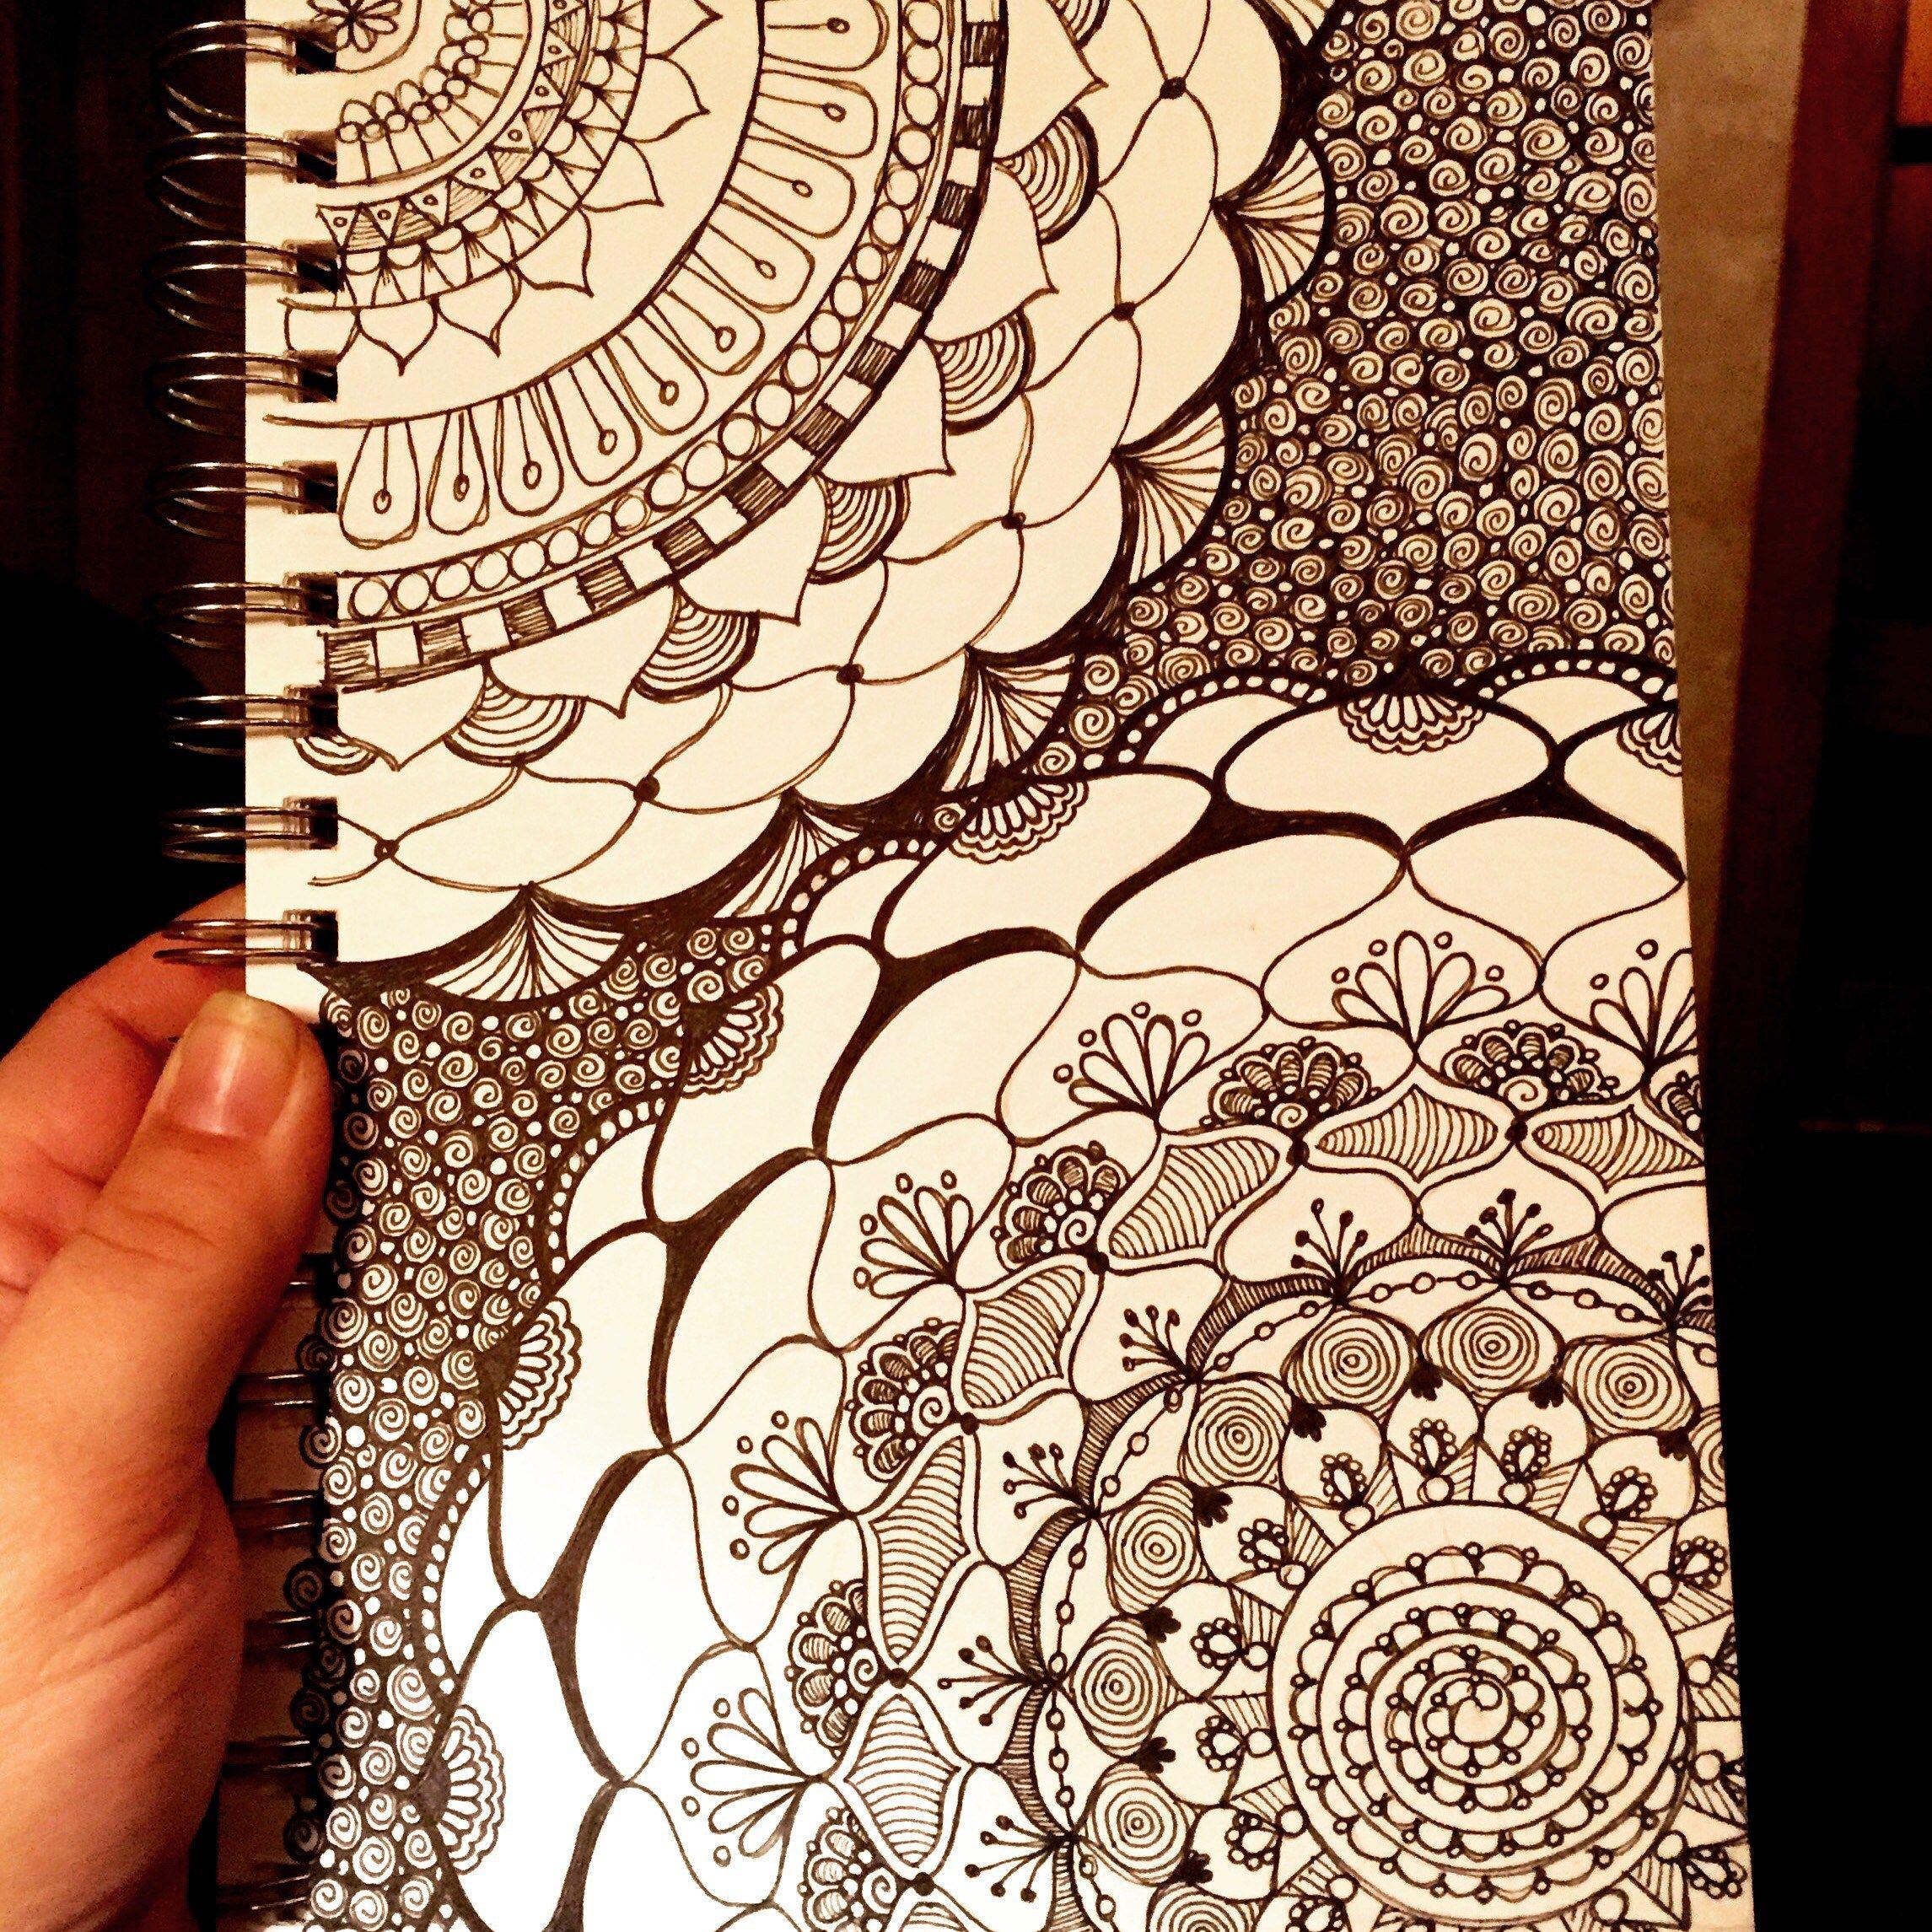 Sketchbook Mandalas 113 144 Doodle Patterns Sketch Book Doodle Drawings